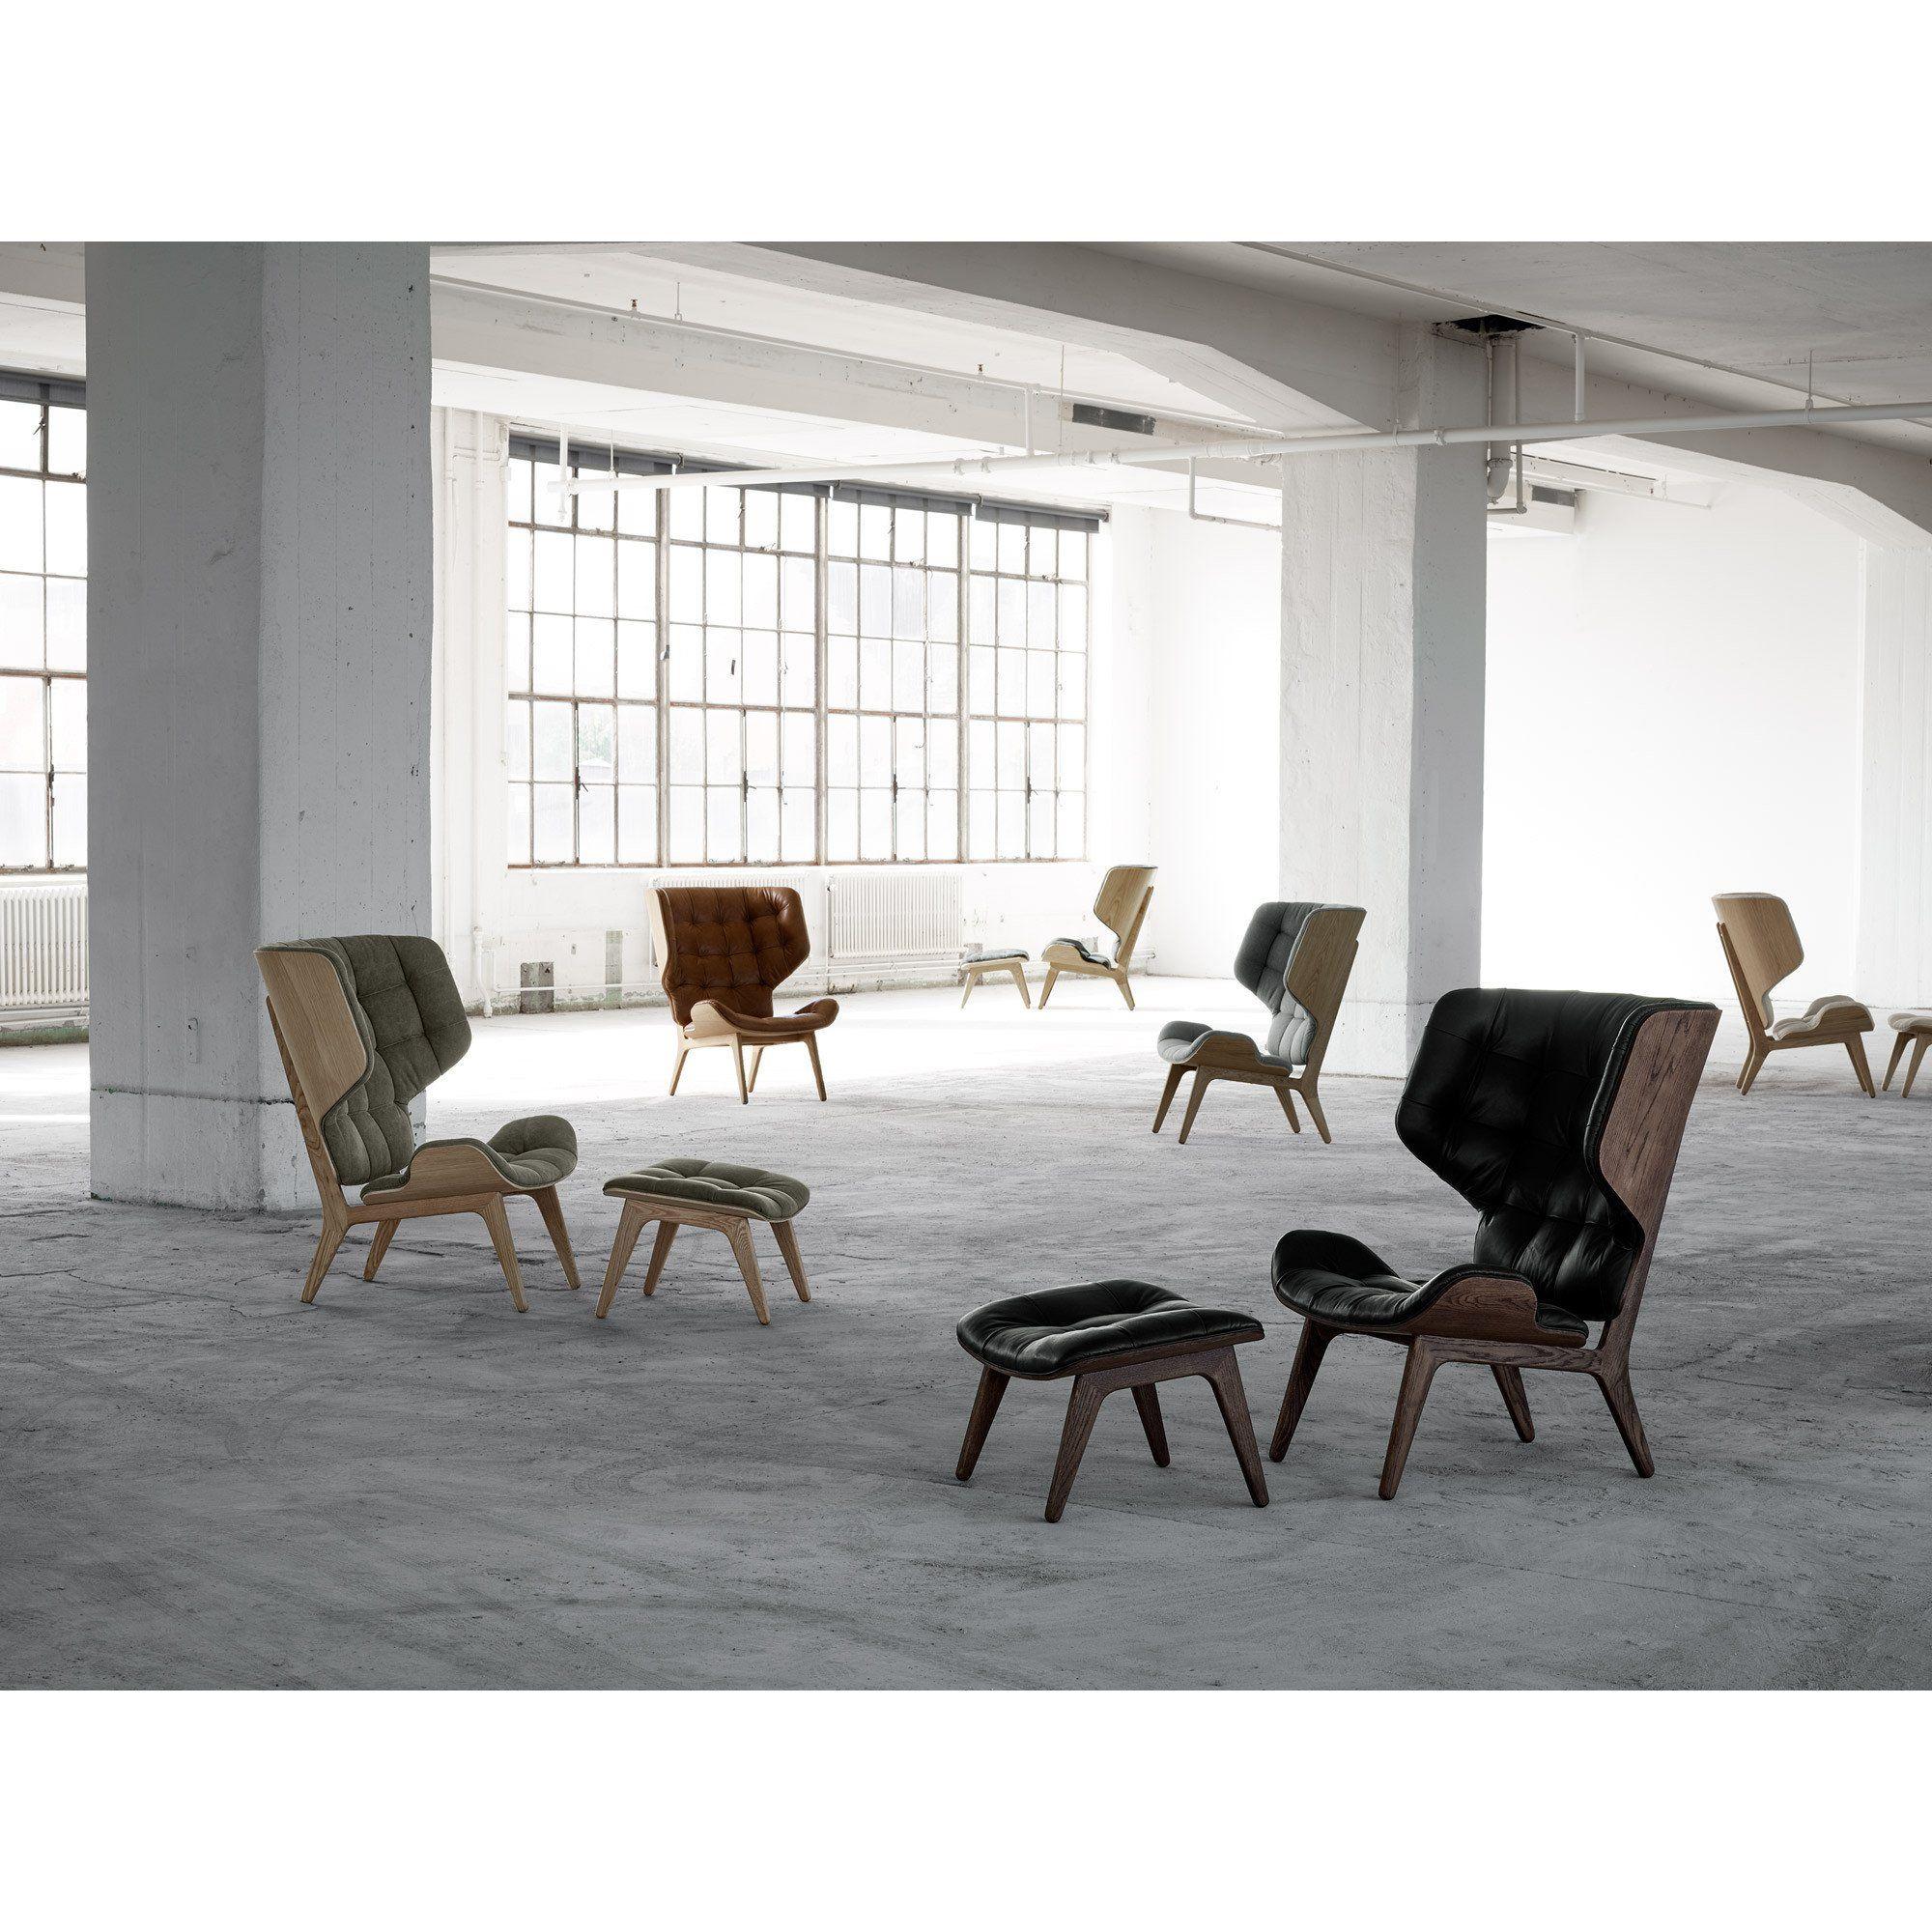 Qualität esszimmer sets preiswerte akzent stühle akzent stuhl und passenden osmanischen